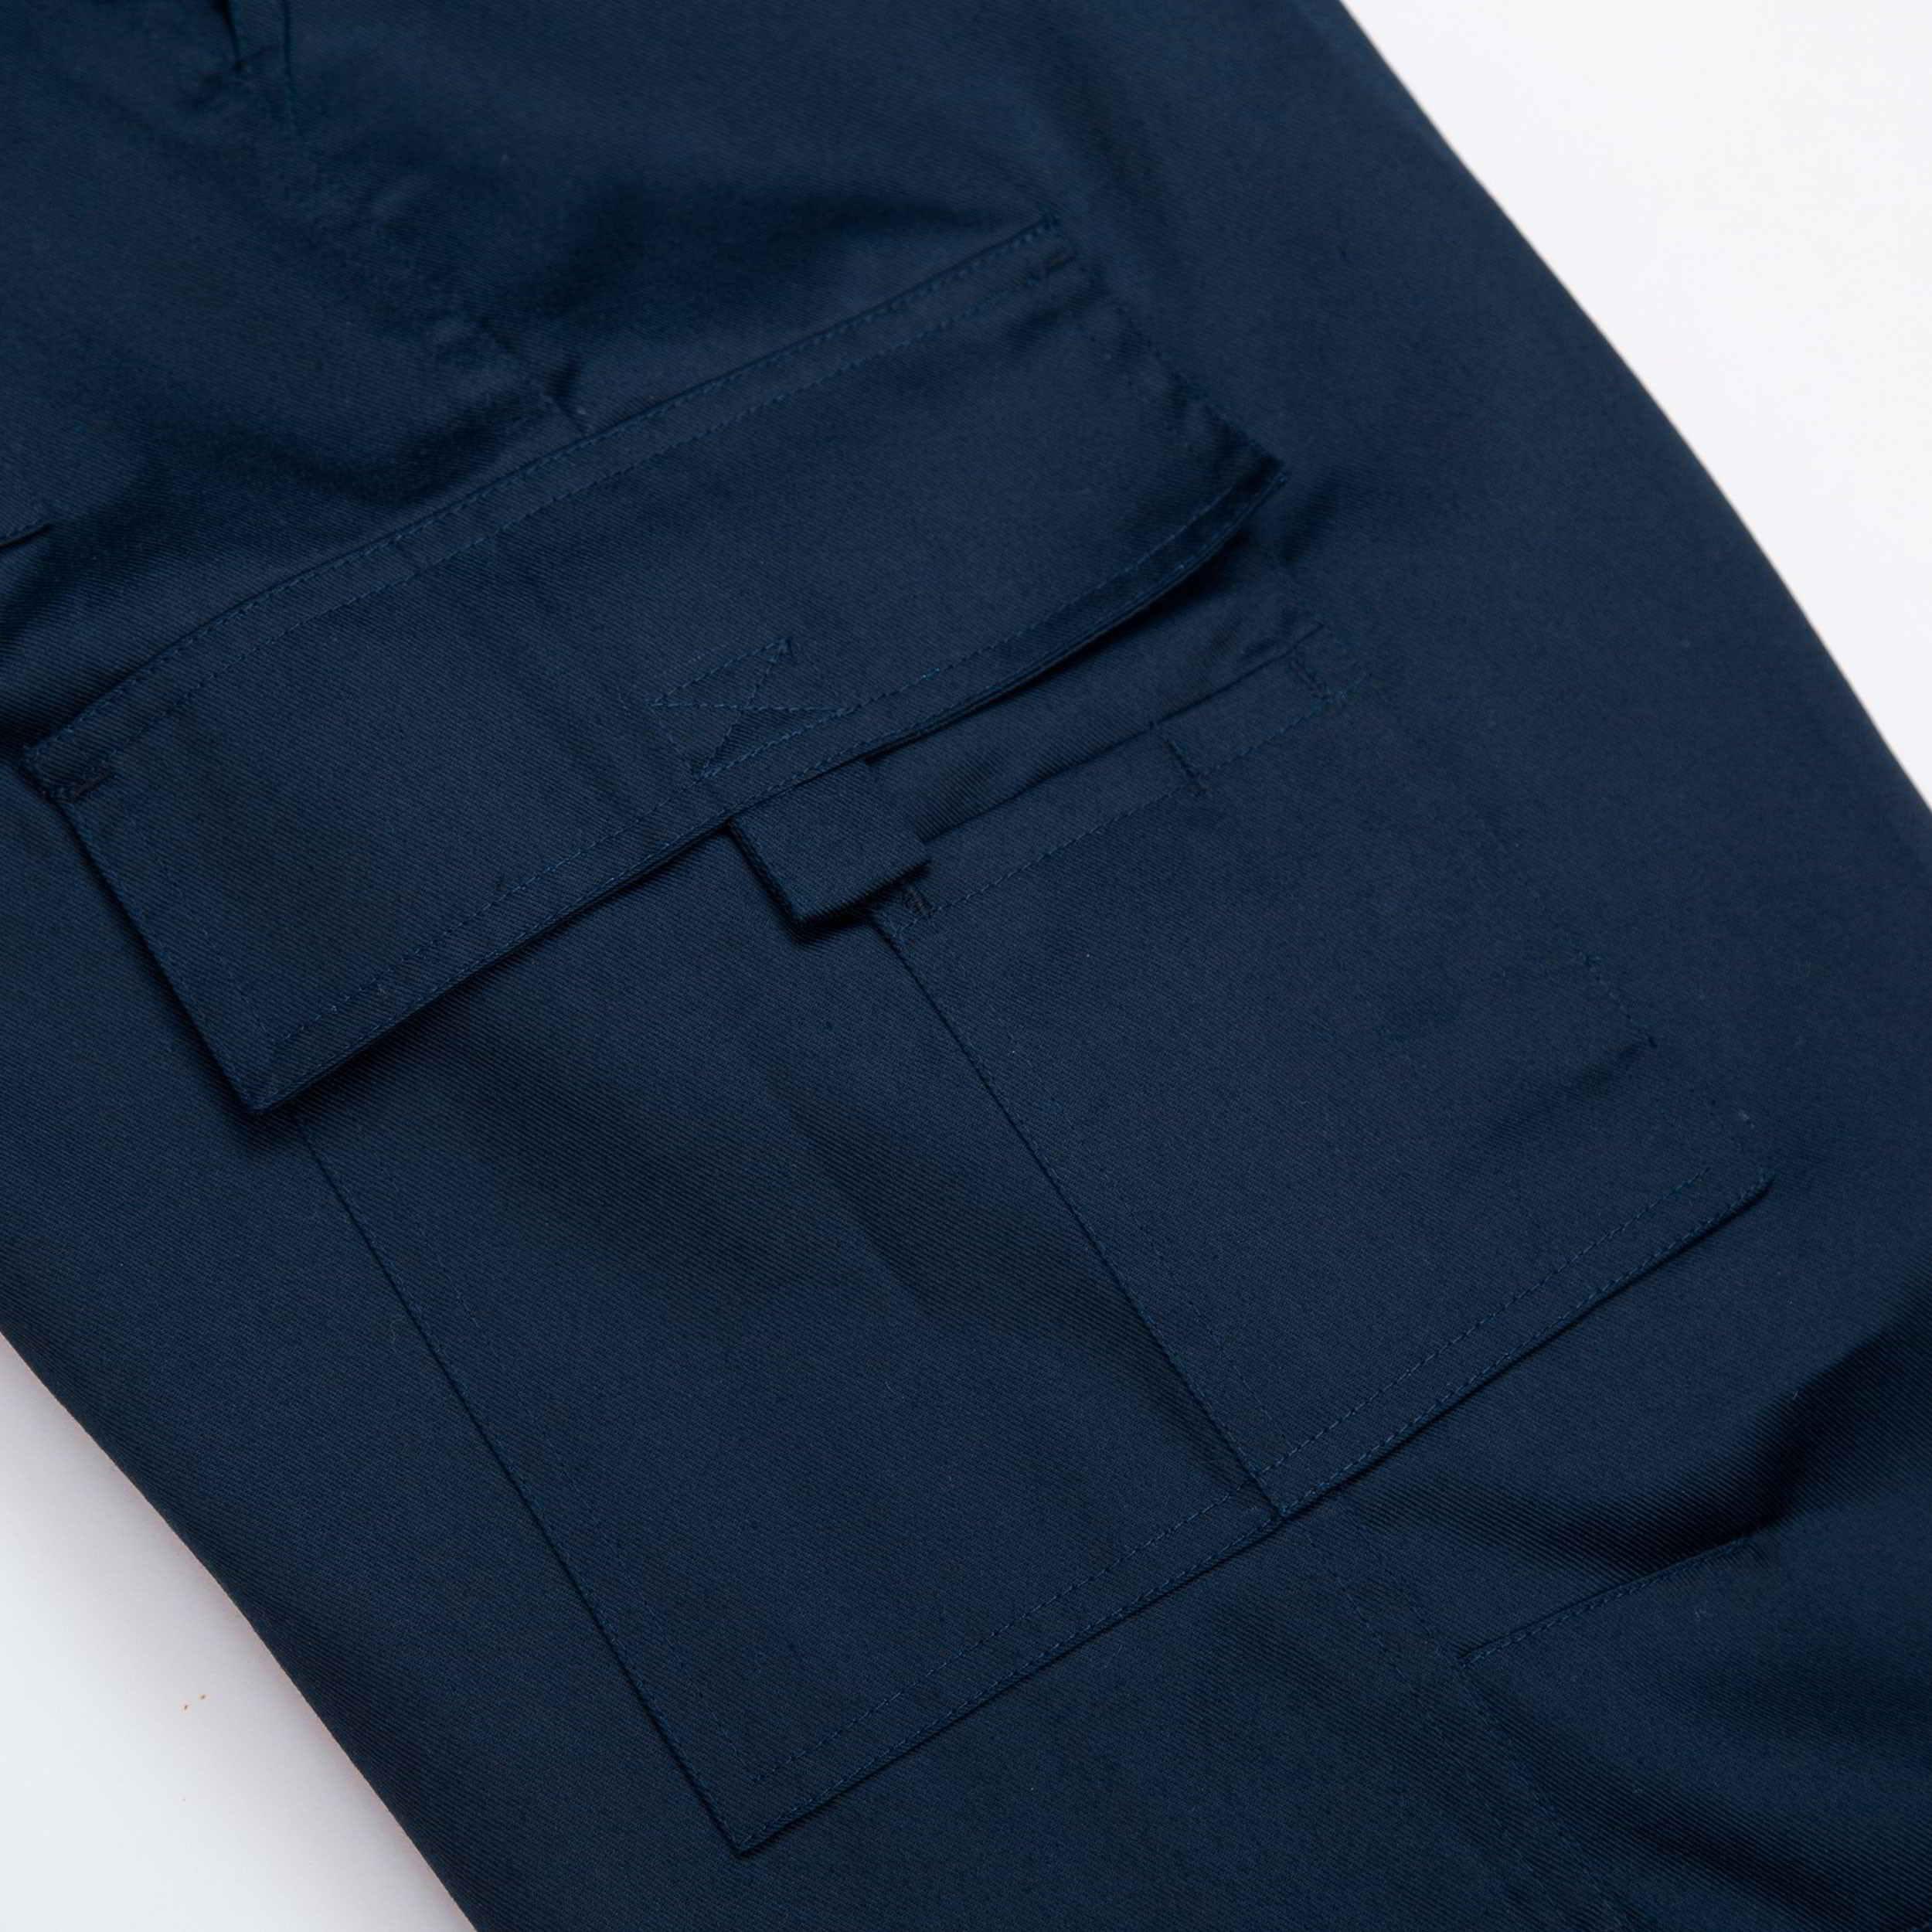 Pantalon Cargo Gabardina Portal Ropa Empresas Cl